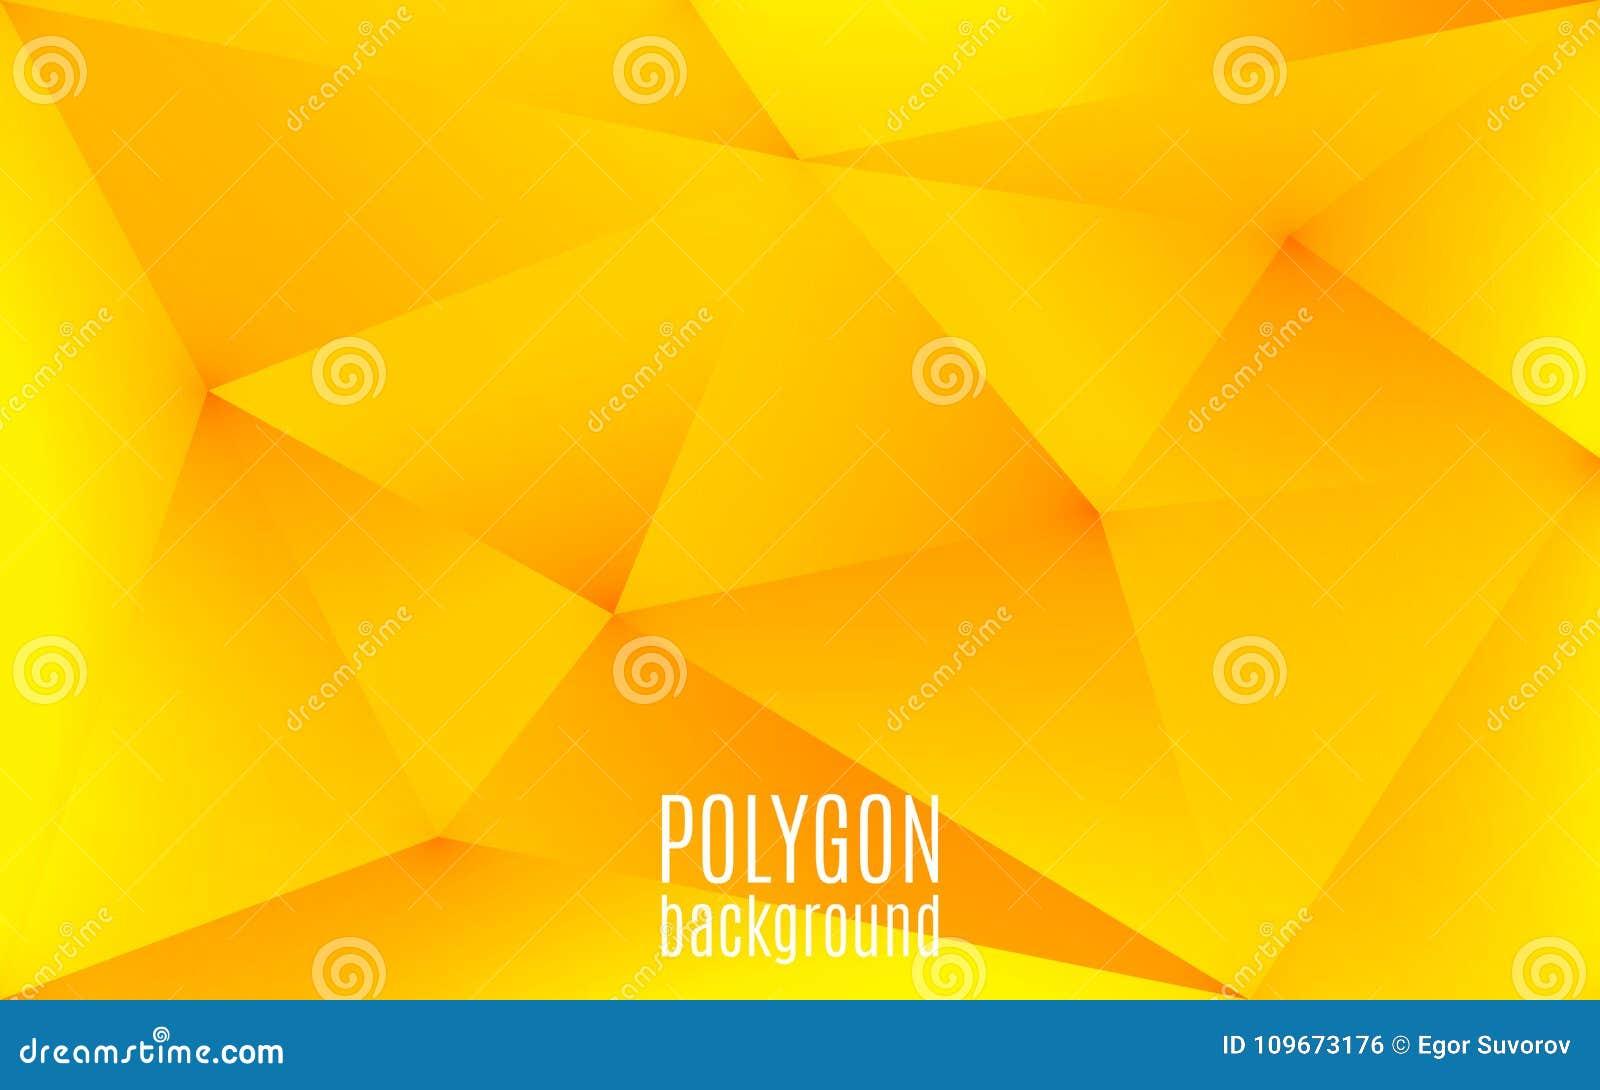 Fondo geométrico abstracto amarillo El polígono forma el contexto Mosaico polivinílico bajo triangular Modelo creativo del diseño